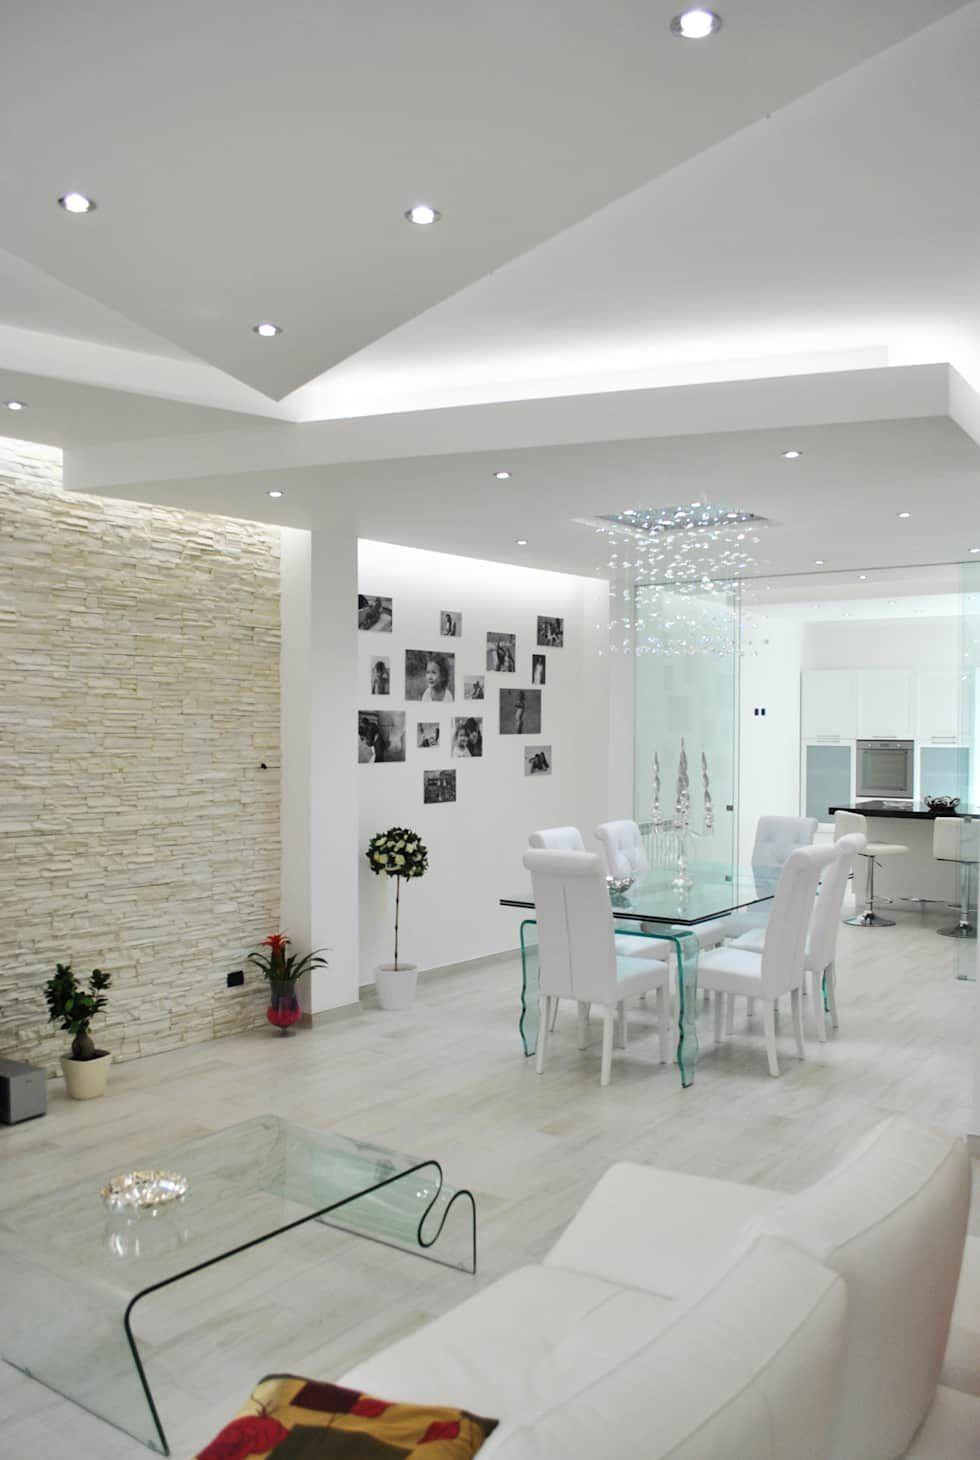 Molo house sala da pranzo in stile di salvatore nigrelli architetto in 2019 decor diy - Sala da pranzo dwg ...